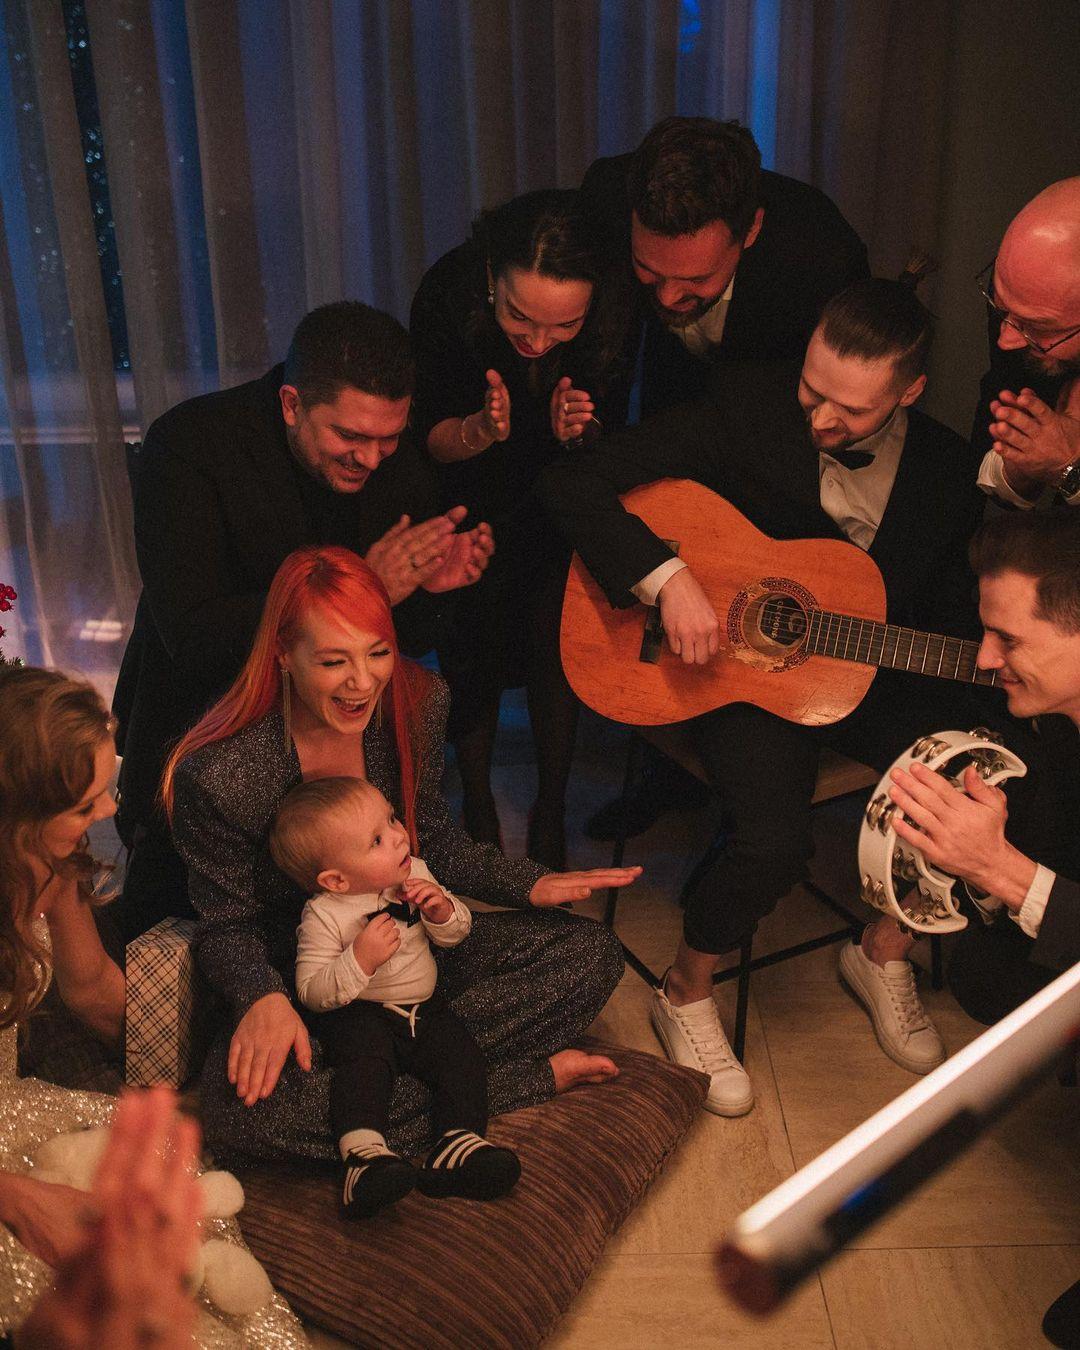 Счастливая семья: Светлана Тарабарова порадовала поклонников новогодними фотографиями с мужем и детьми